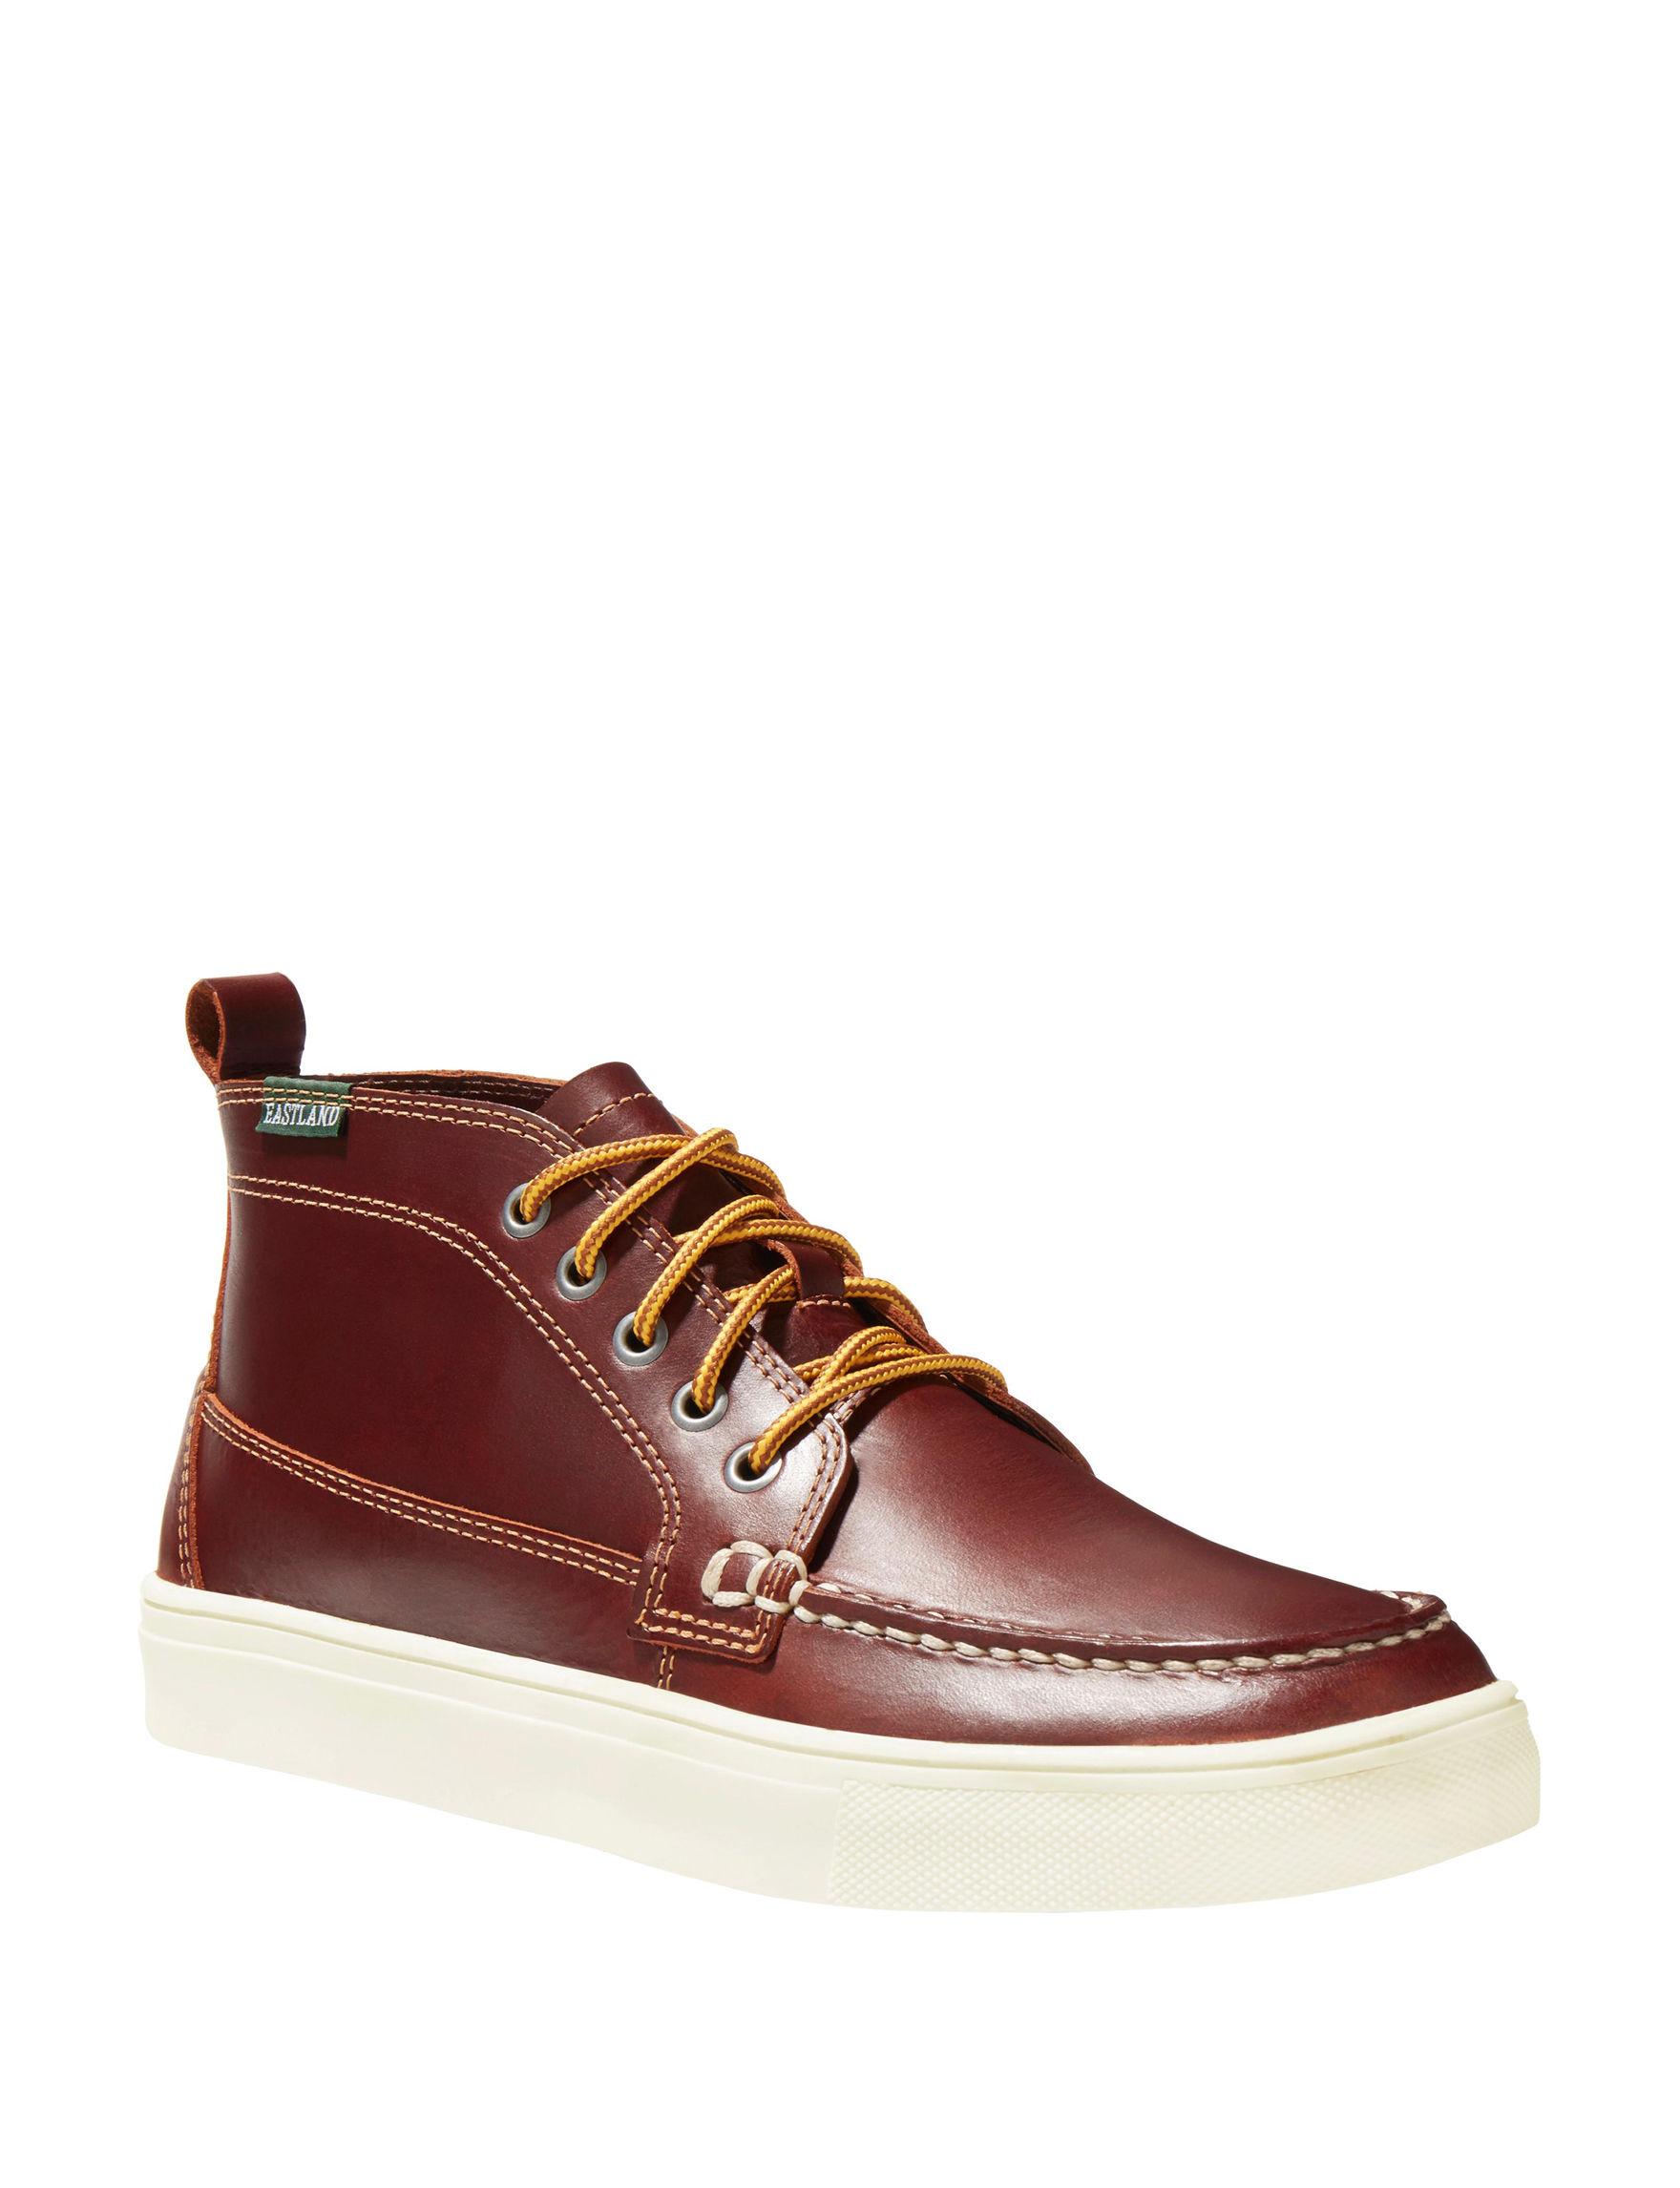 Eastland Medium Brown Chukka Boots